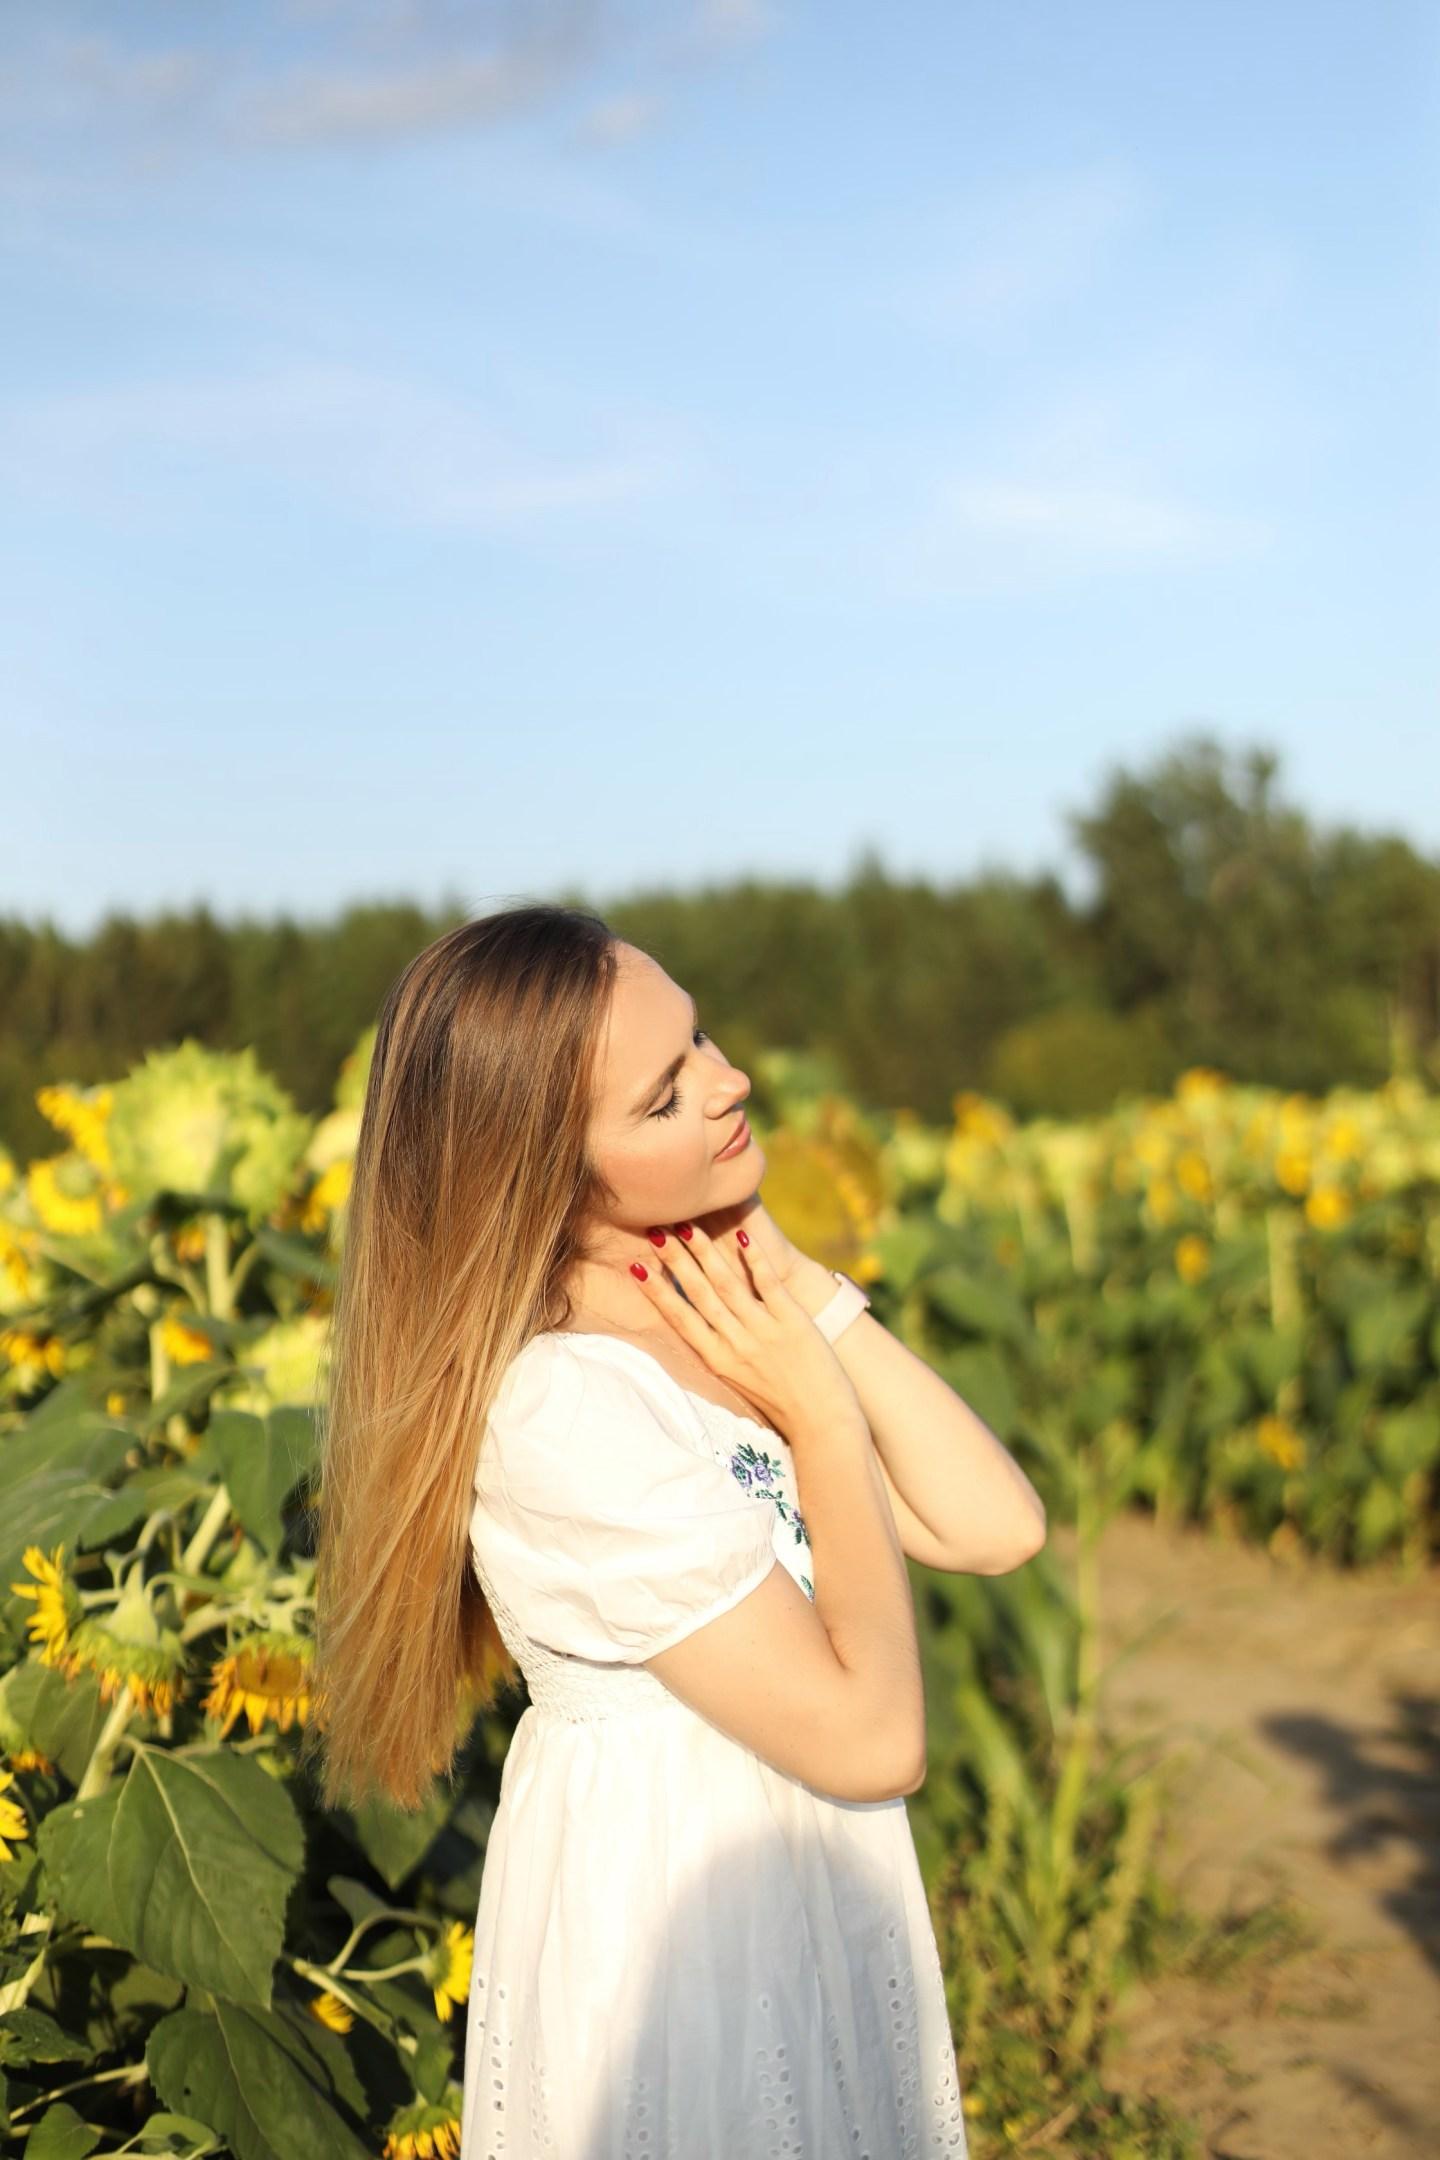 Summer Trip To Sunflower Field